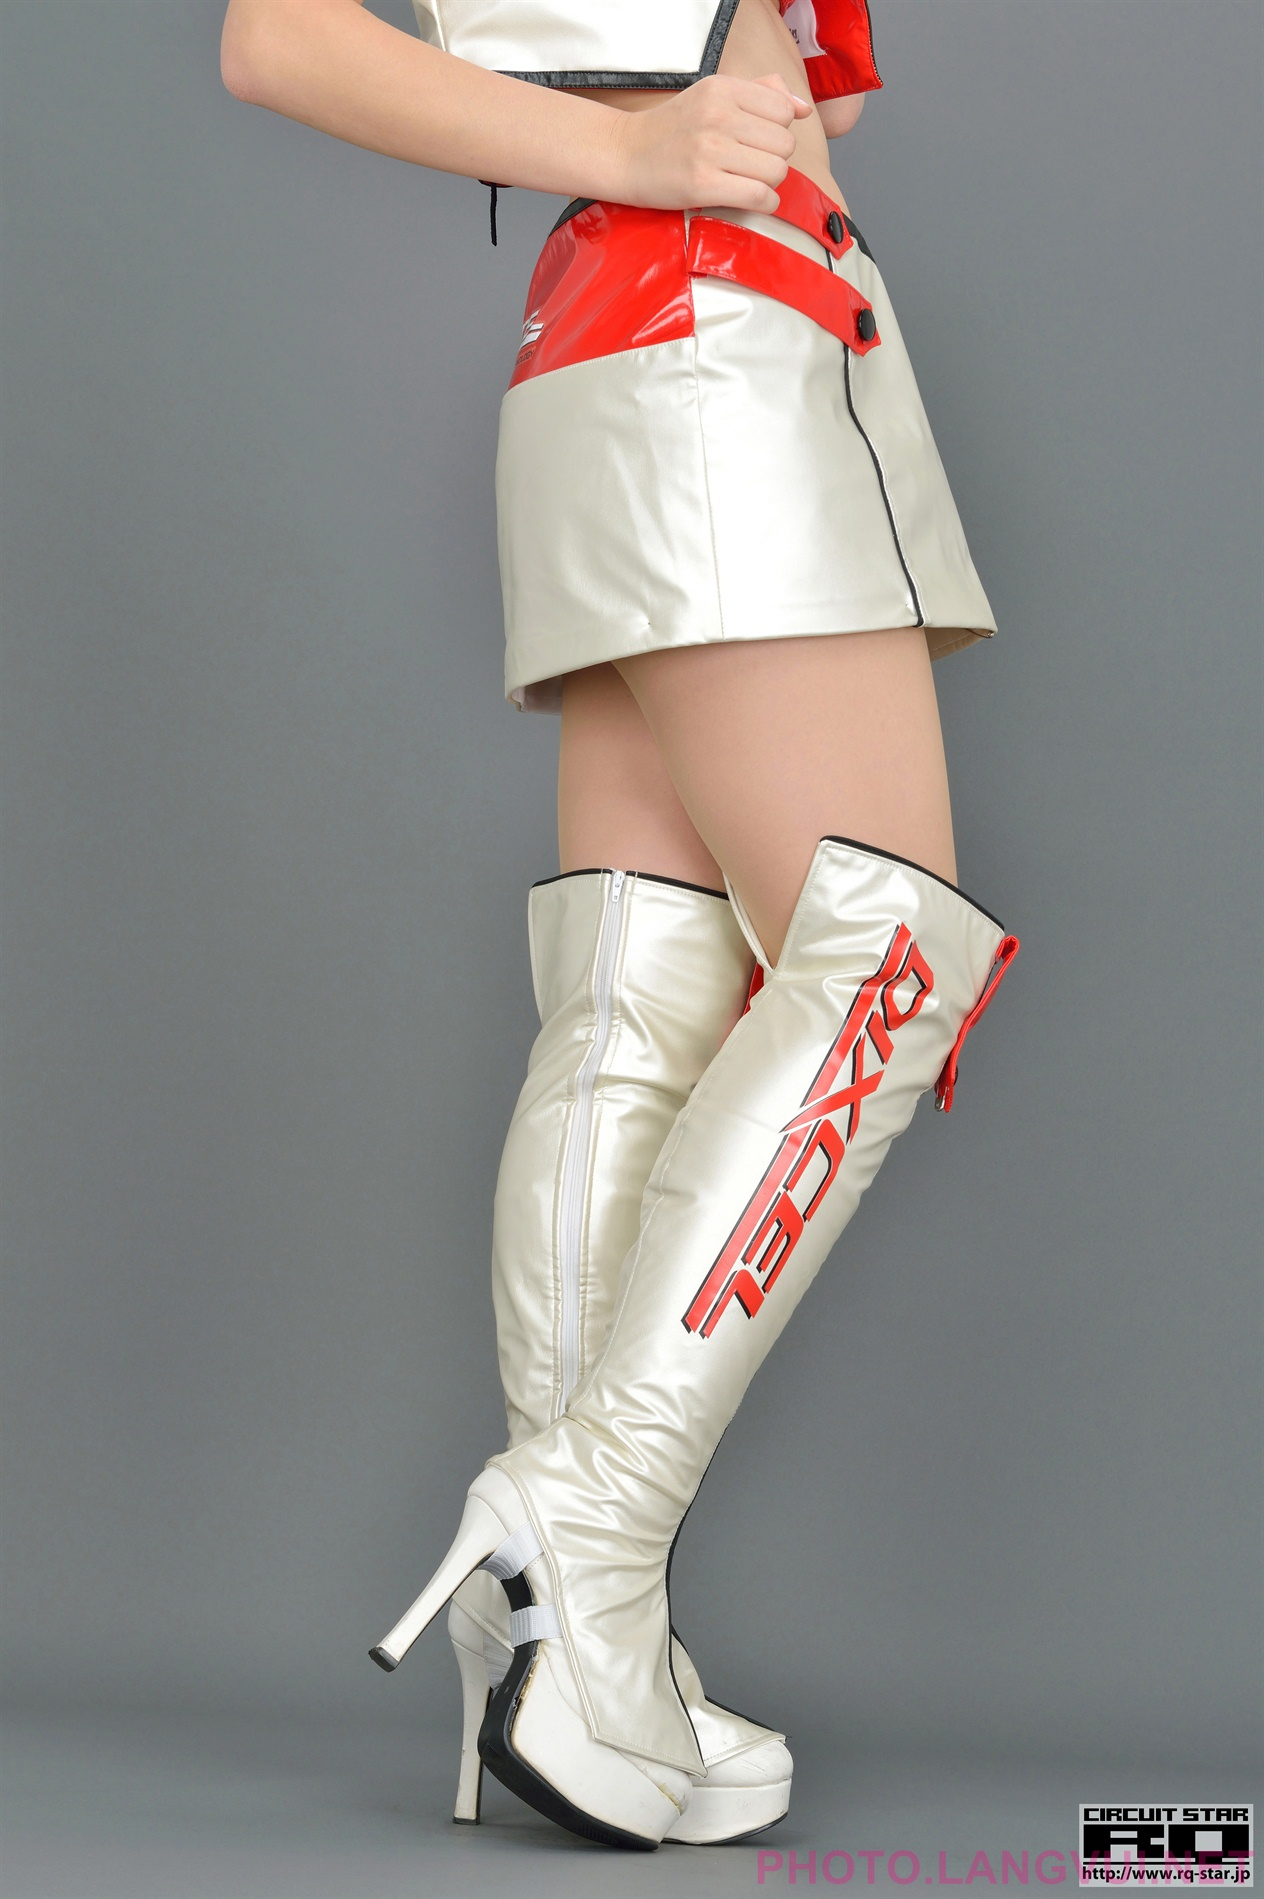 RQ STAR No 01053 Aeri Ikeda Race Queen